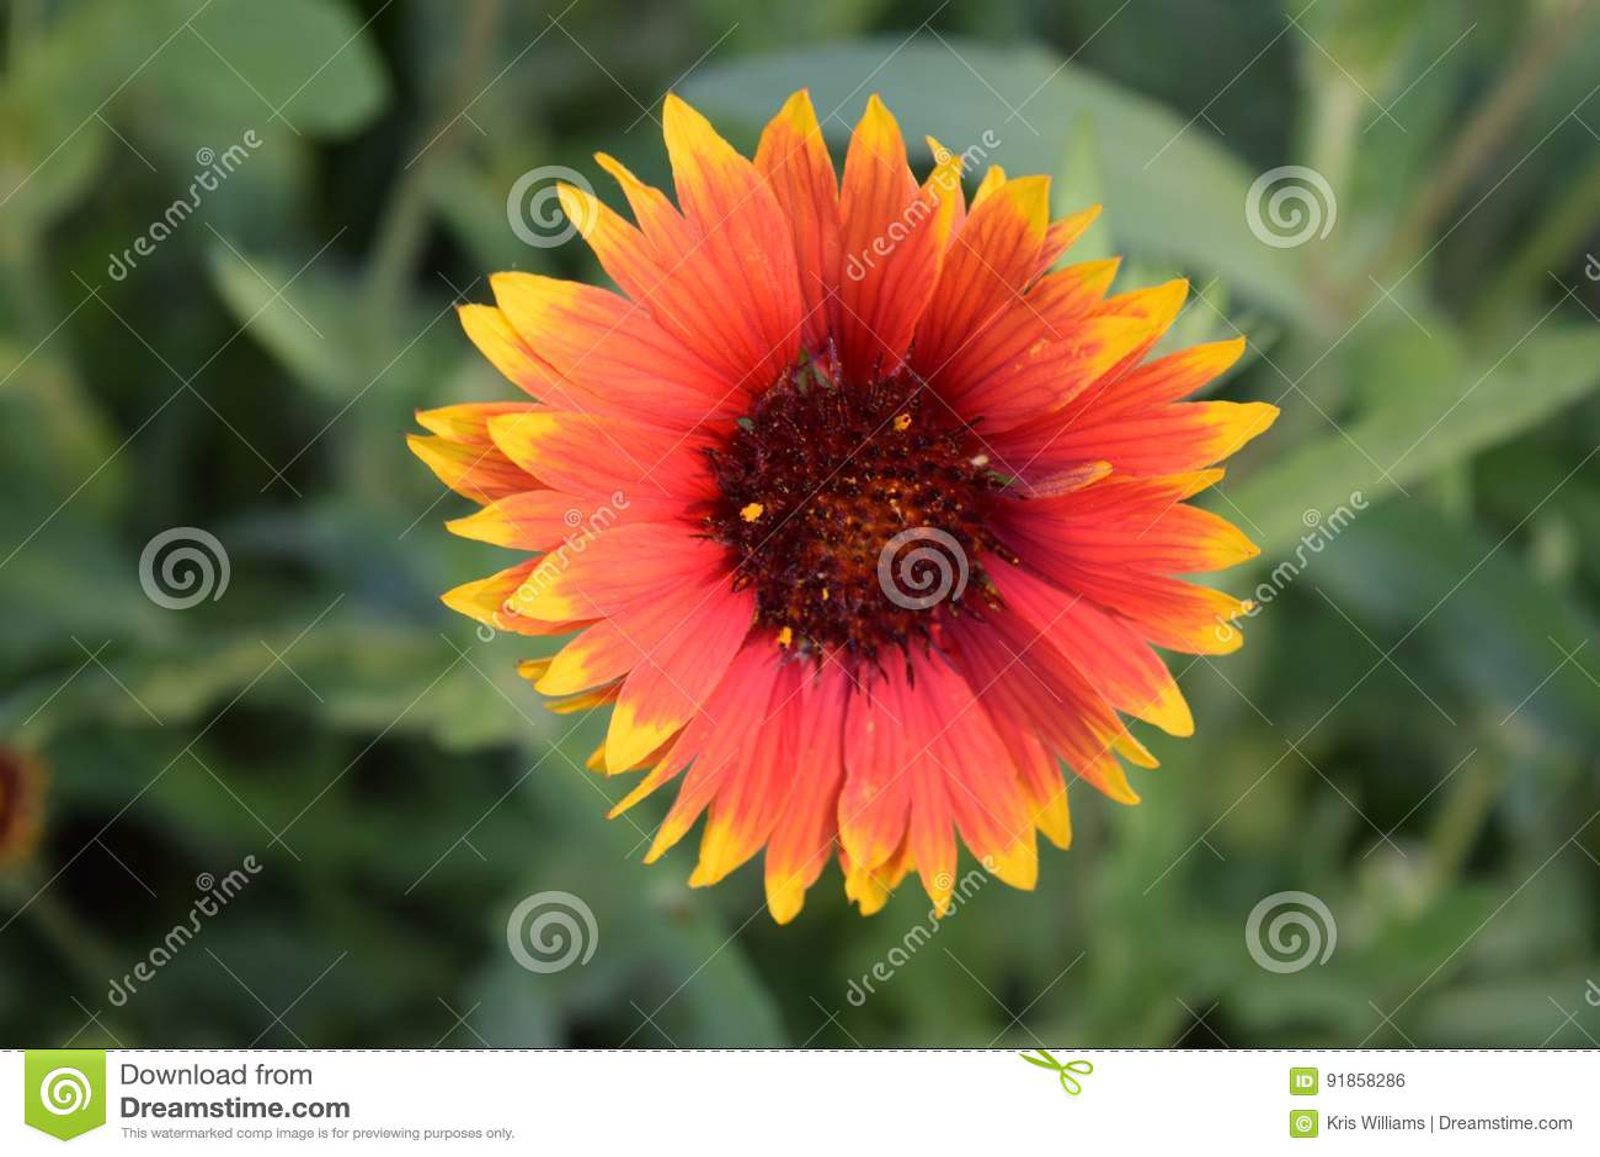 Red and Yellow Gaillardia Flower